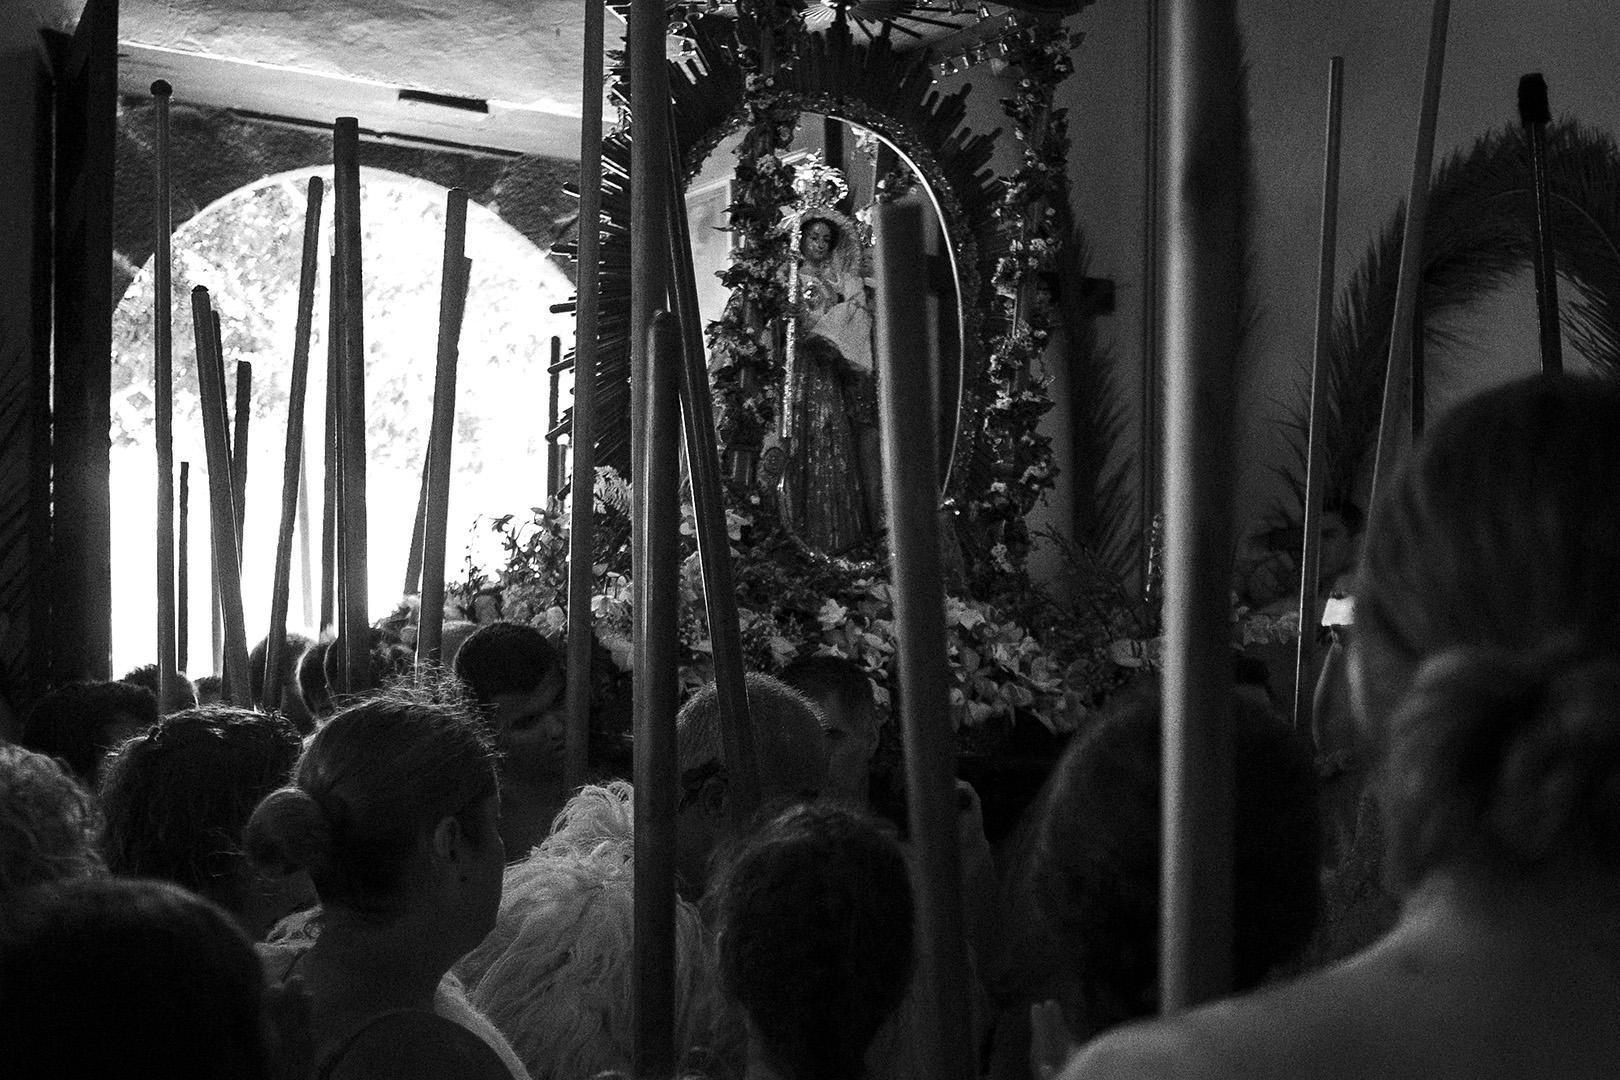 Romeria, Guimar - Socorro; La Virgen with guanches entering the church / ermita